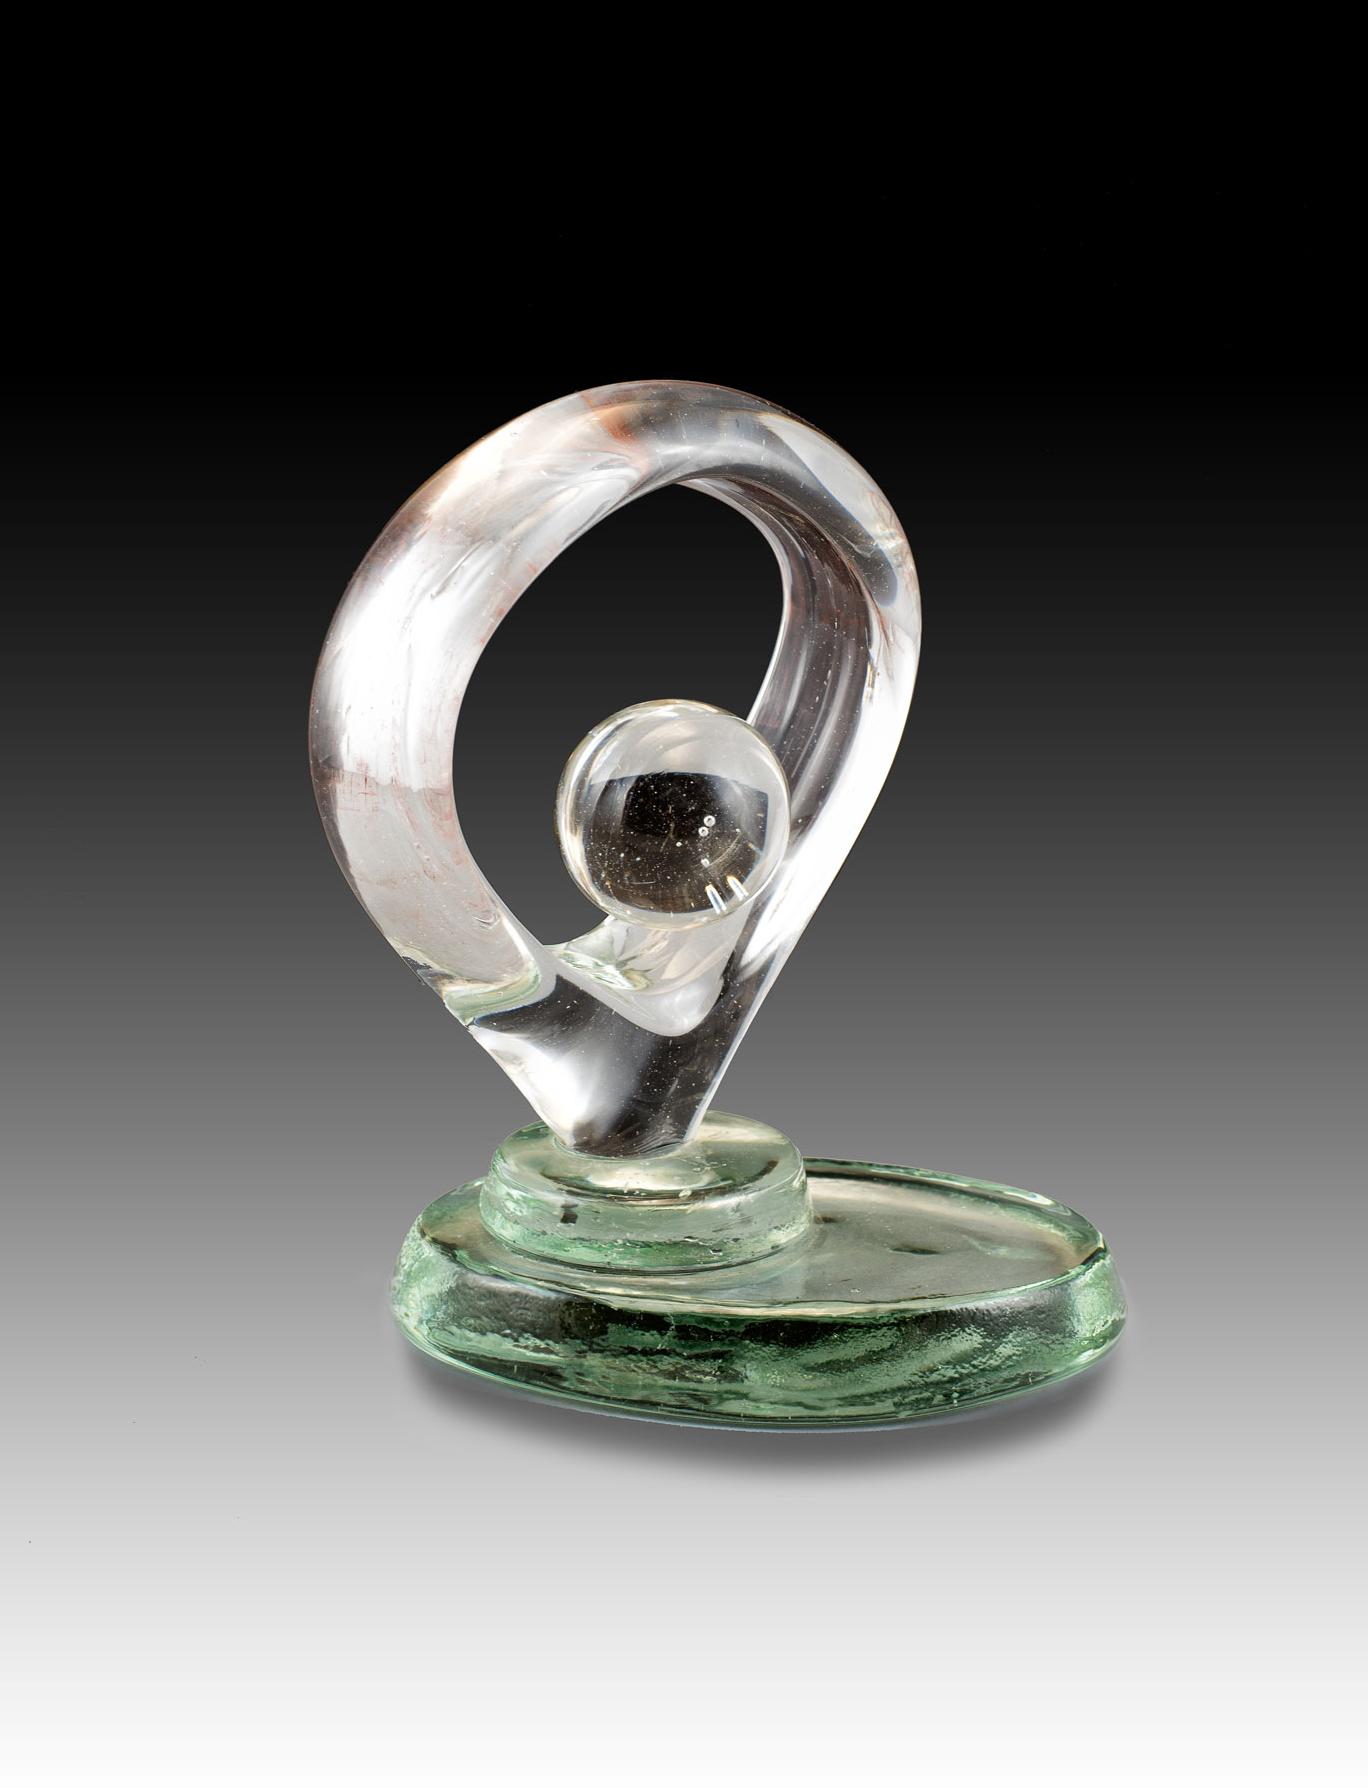 Ring Award